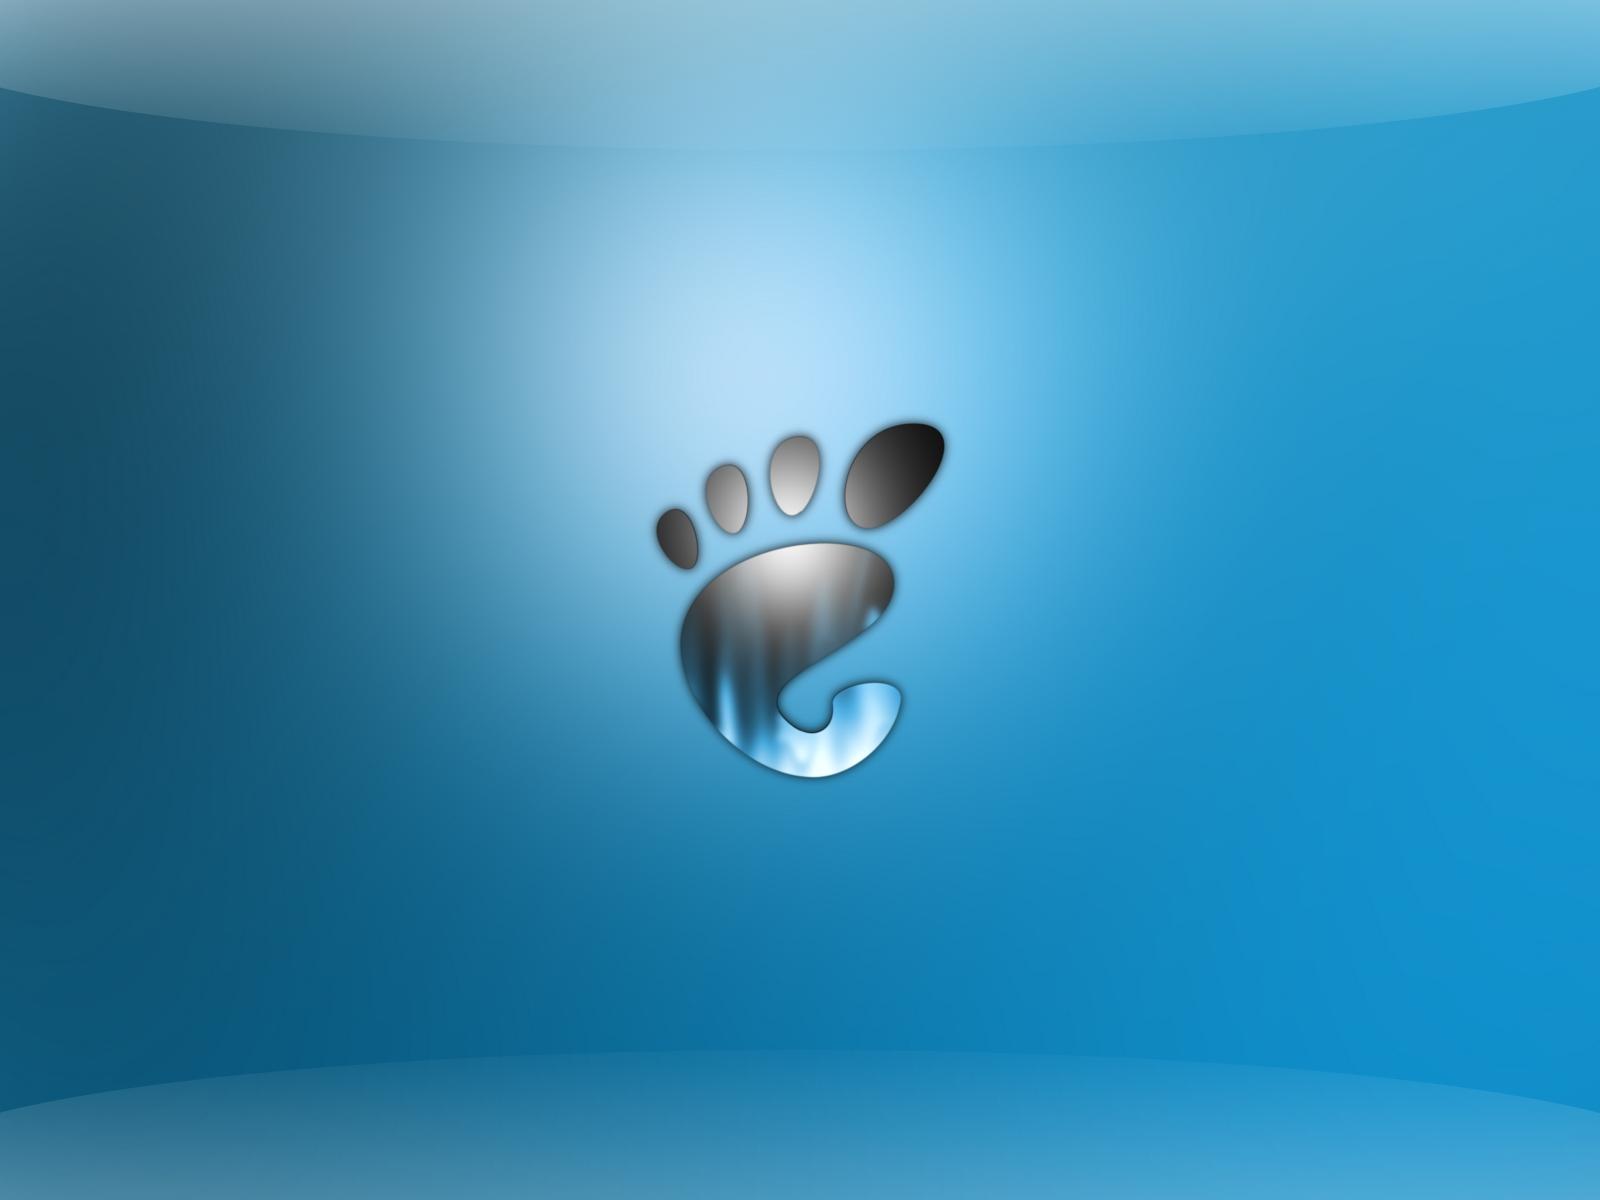 http://2.bp.blogspot.com/-SU7PhDns6ts/TxFY9jCT1pI/AAAAAAAAAdc/vfx8jTnZzrw/s1600/gnome_wallpaper_blue.jpg